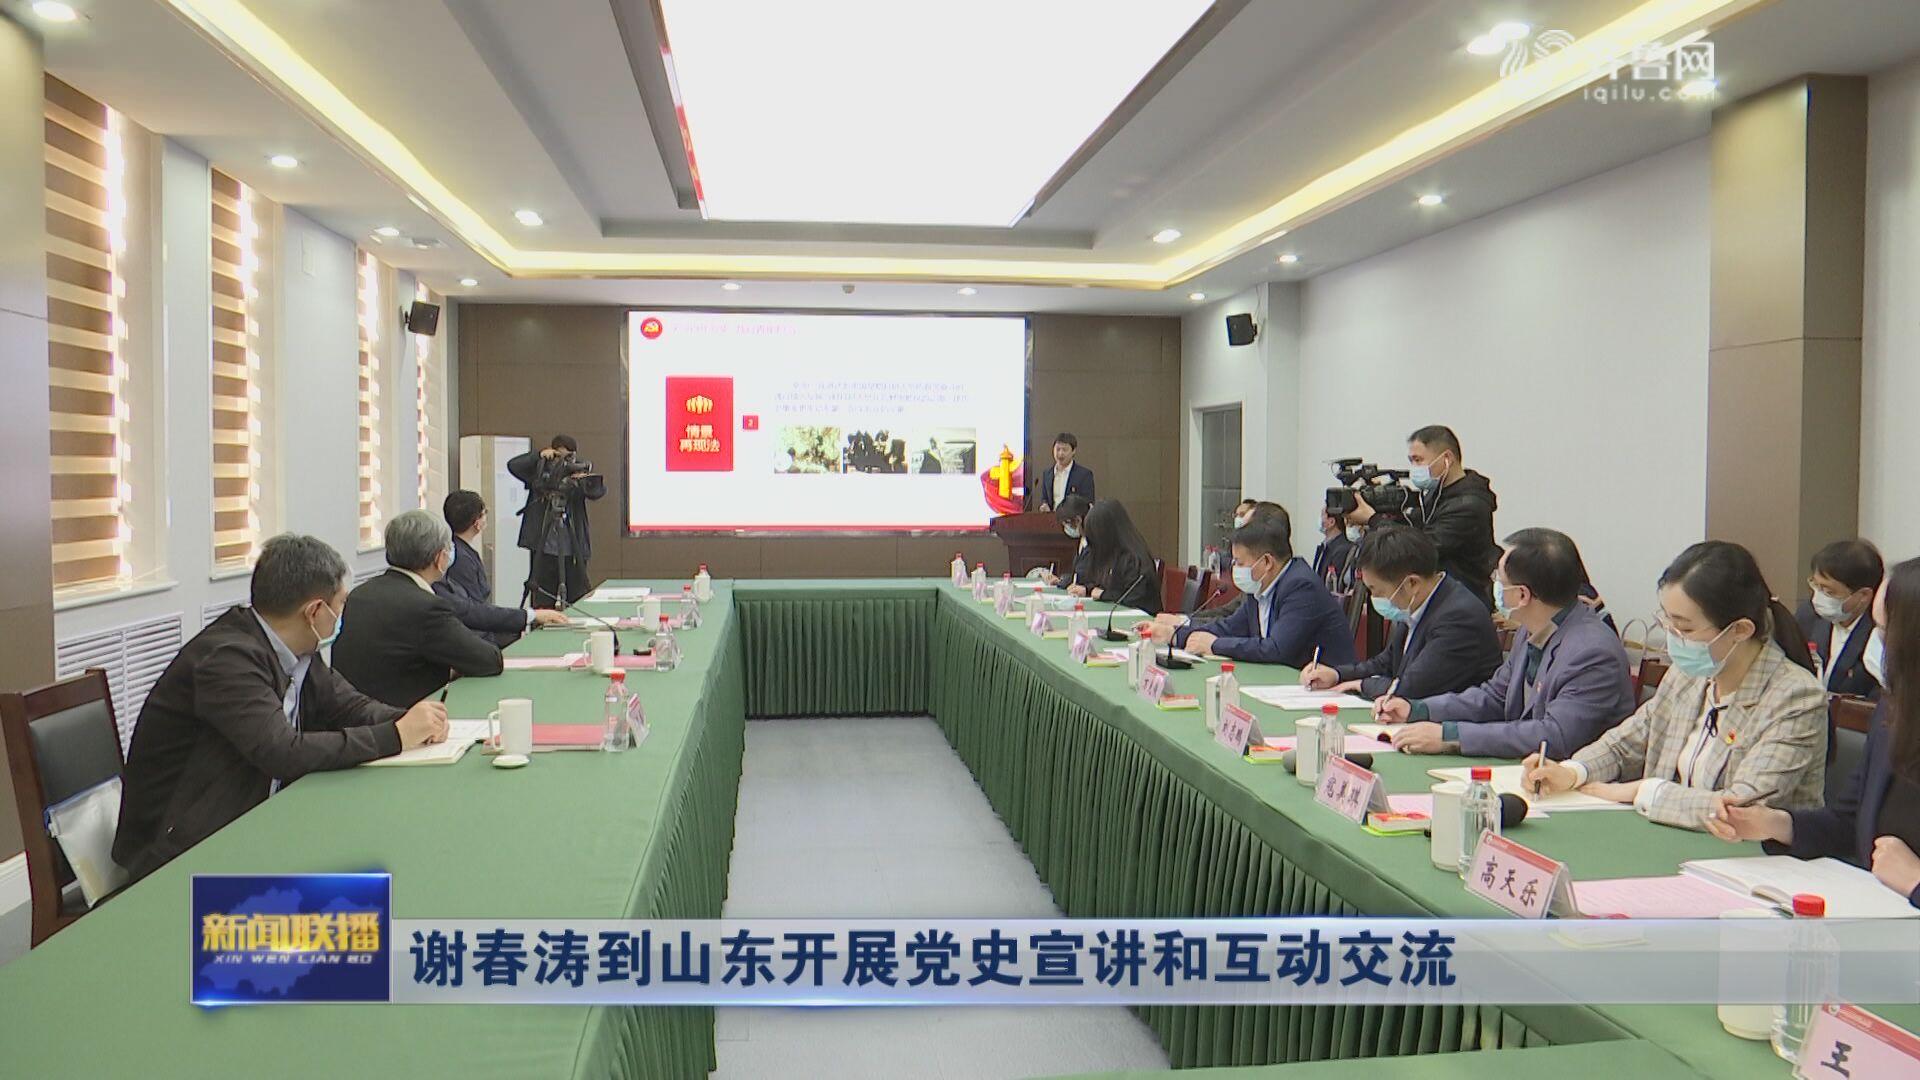 谢春涛到山东开展党史宣讲和互动交流